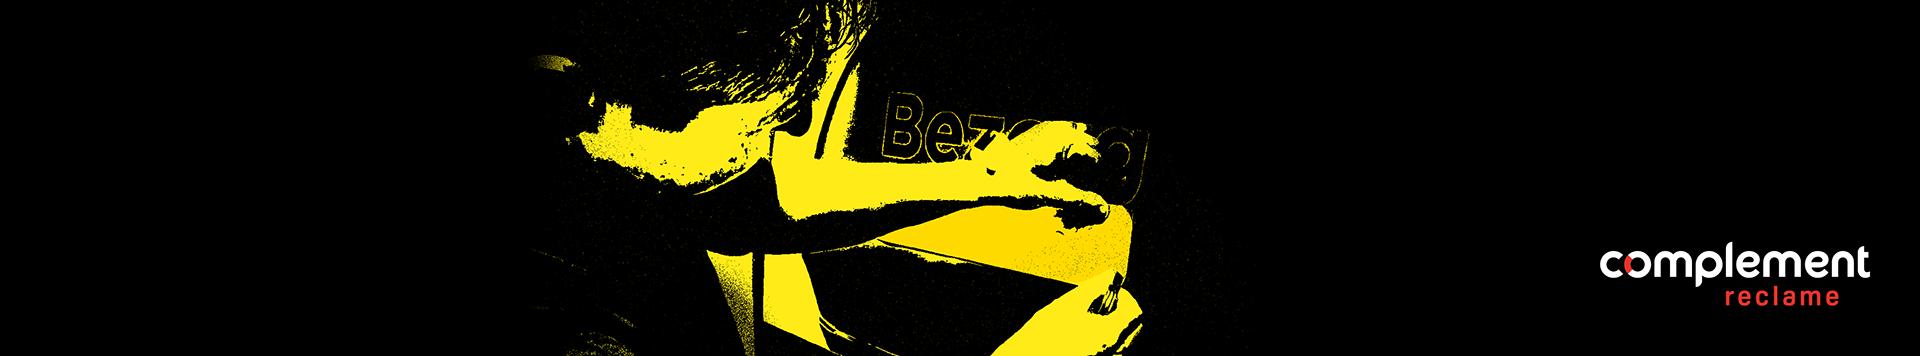 Header Complement Reclame Vorstenbosch - vacature Signmaker Productiemedewerker Beletteraar Signing- website XLIX Recruitment werving en selectie Heesch Oss Uden Veghel Meierijstad Bernheze